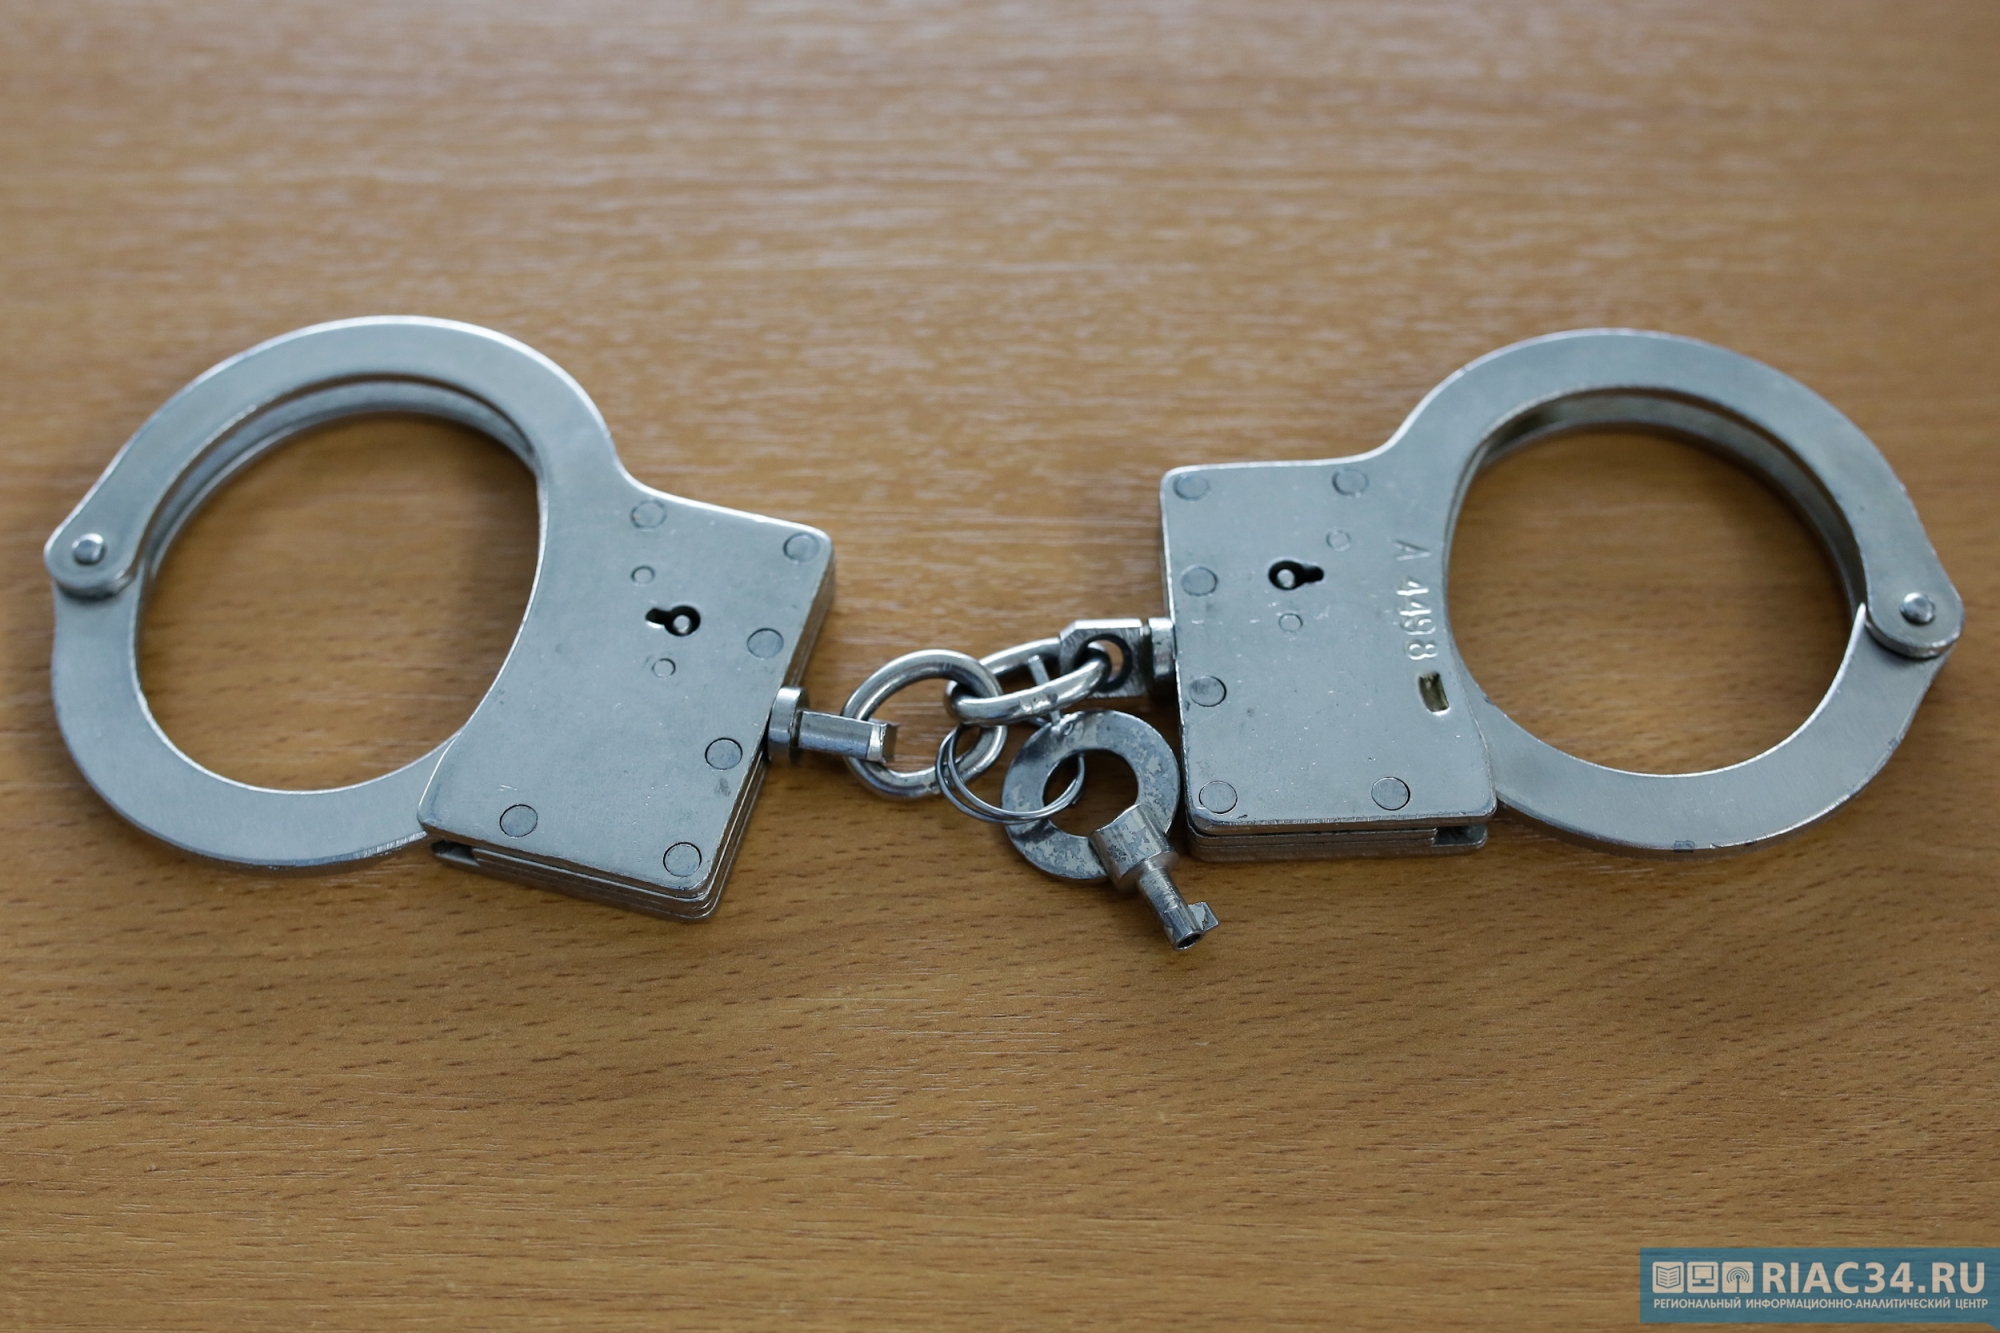 ВВолгоградской области пенсионеру могут дать срок заоборону от преступника